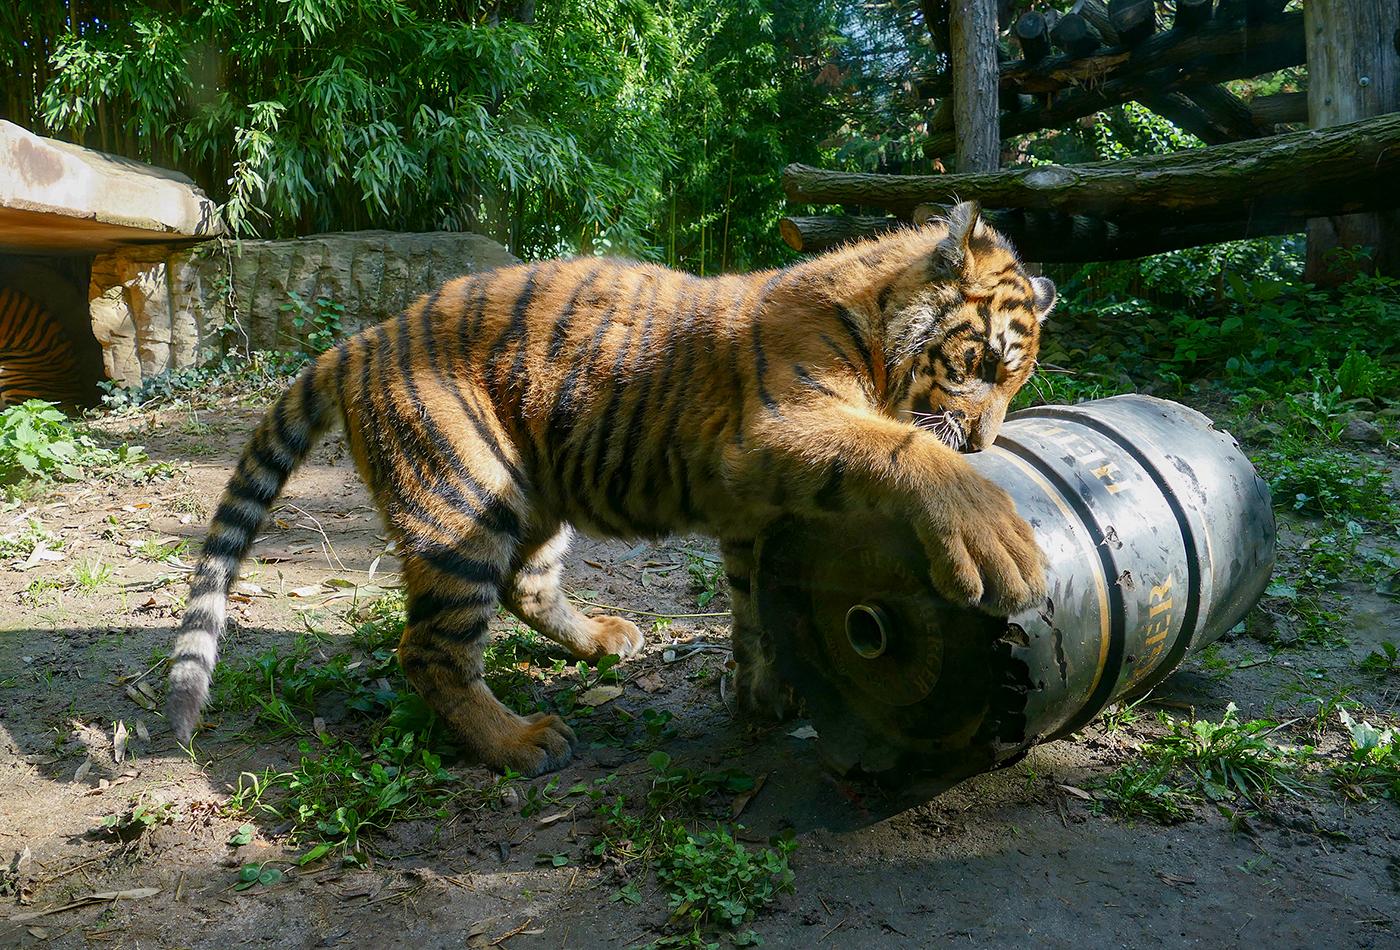 Die Jungen Sumatra-Tiger im Zoo Heidelberg entwickeln sich sehr gut, sind neugierig und fit. Neues Spielzeug wird genau unter die Lupe genommen. (Foto: Petra Medan/Zoo Heidelberg)